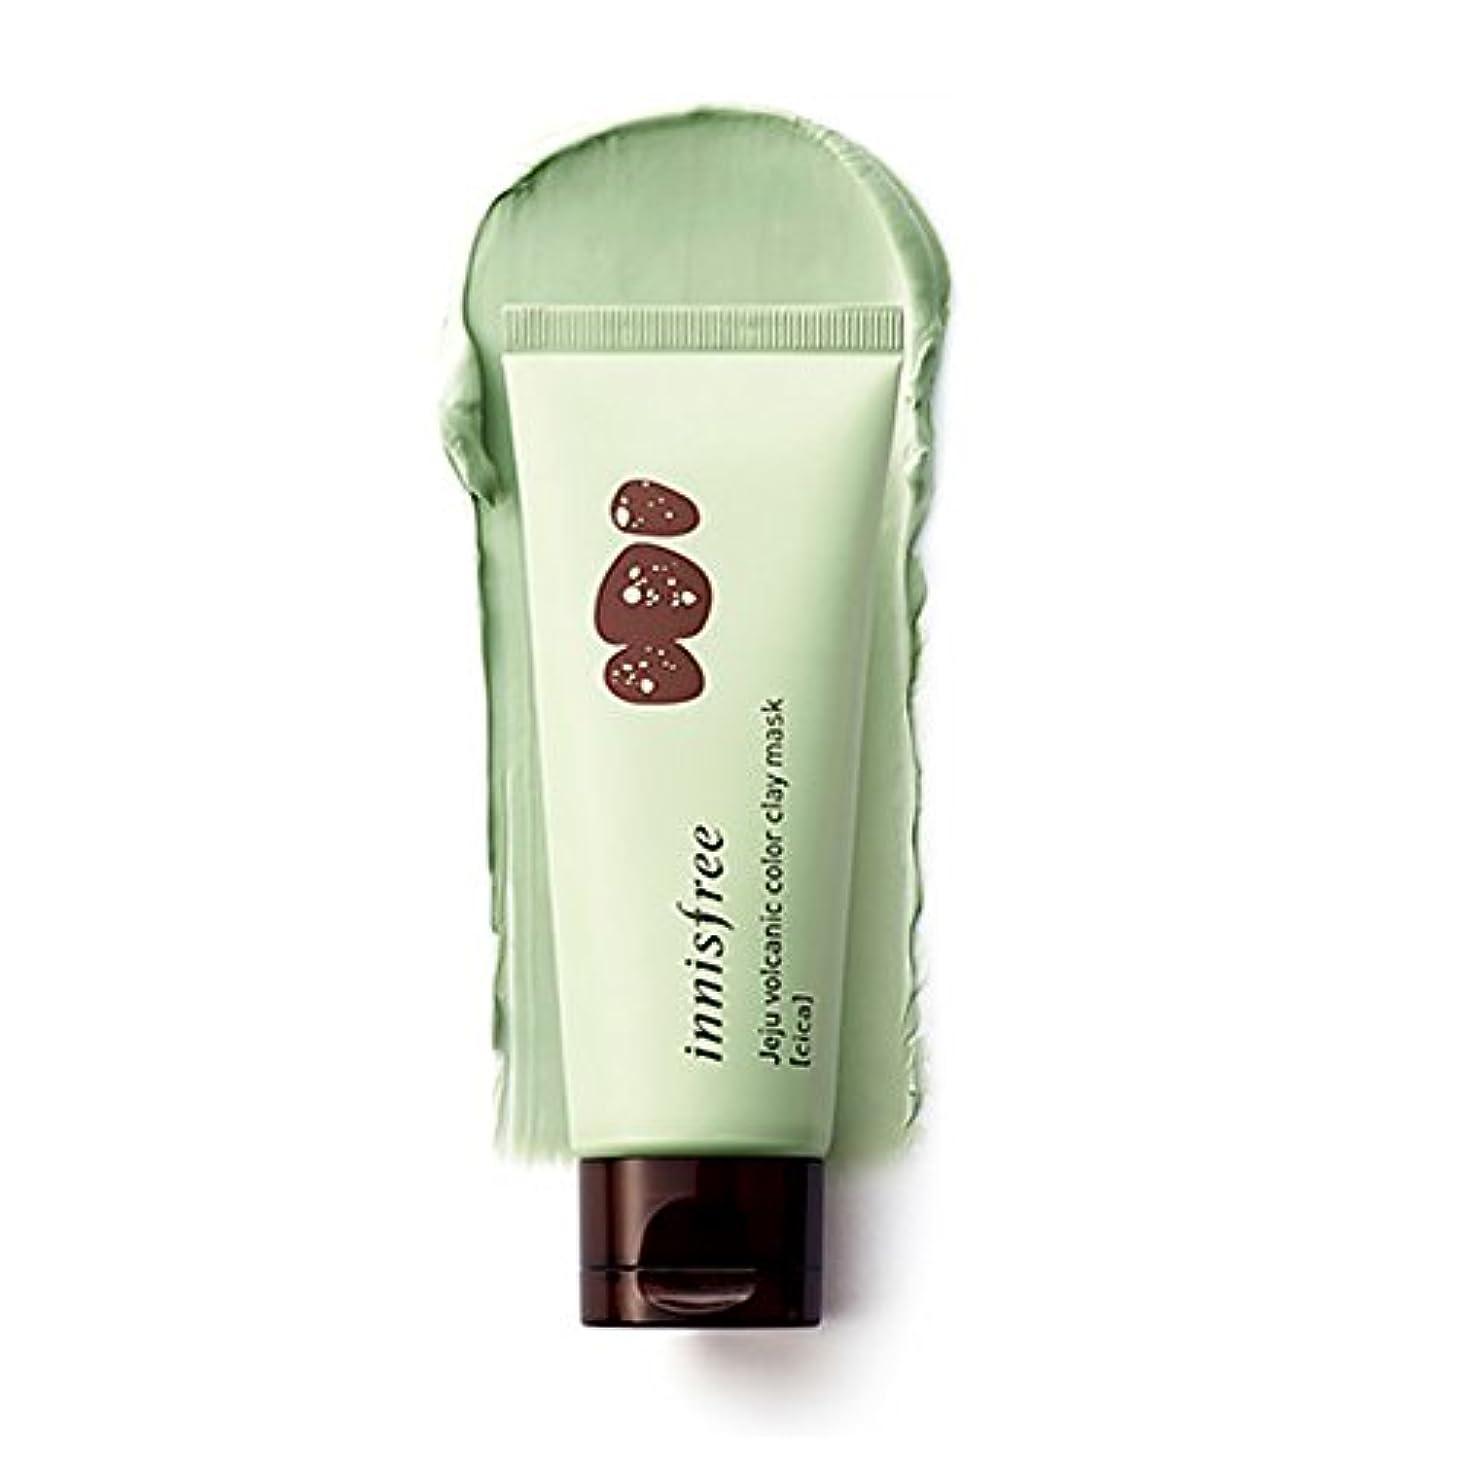 作り上げるしたい結晶イニスフリー日本公式(innisfree) ヴォルカニック カラークレイマスク GREEN(収れん)[洗い流すパック]70ml